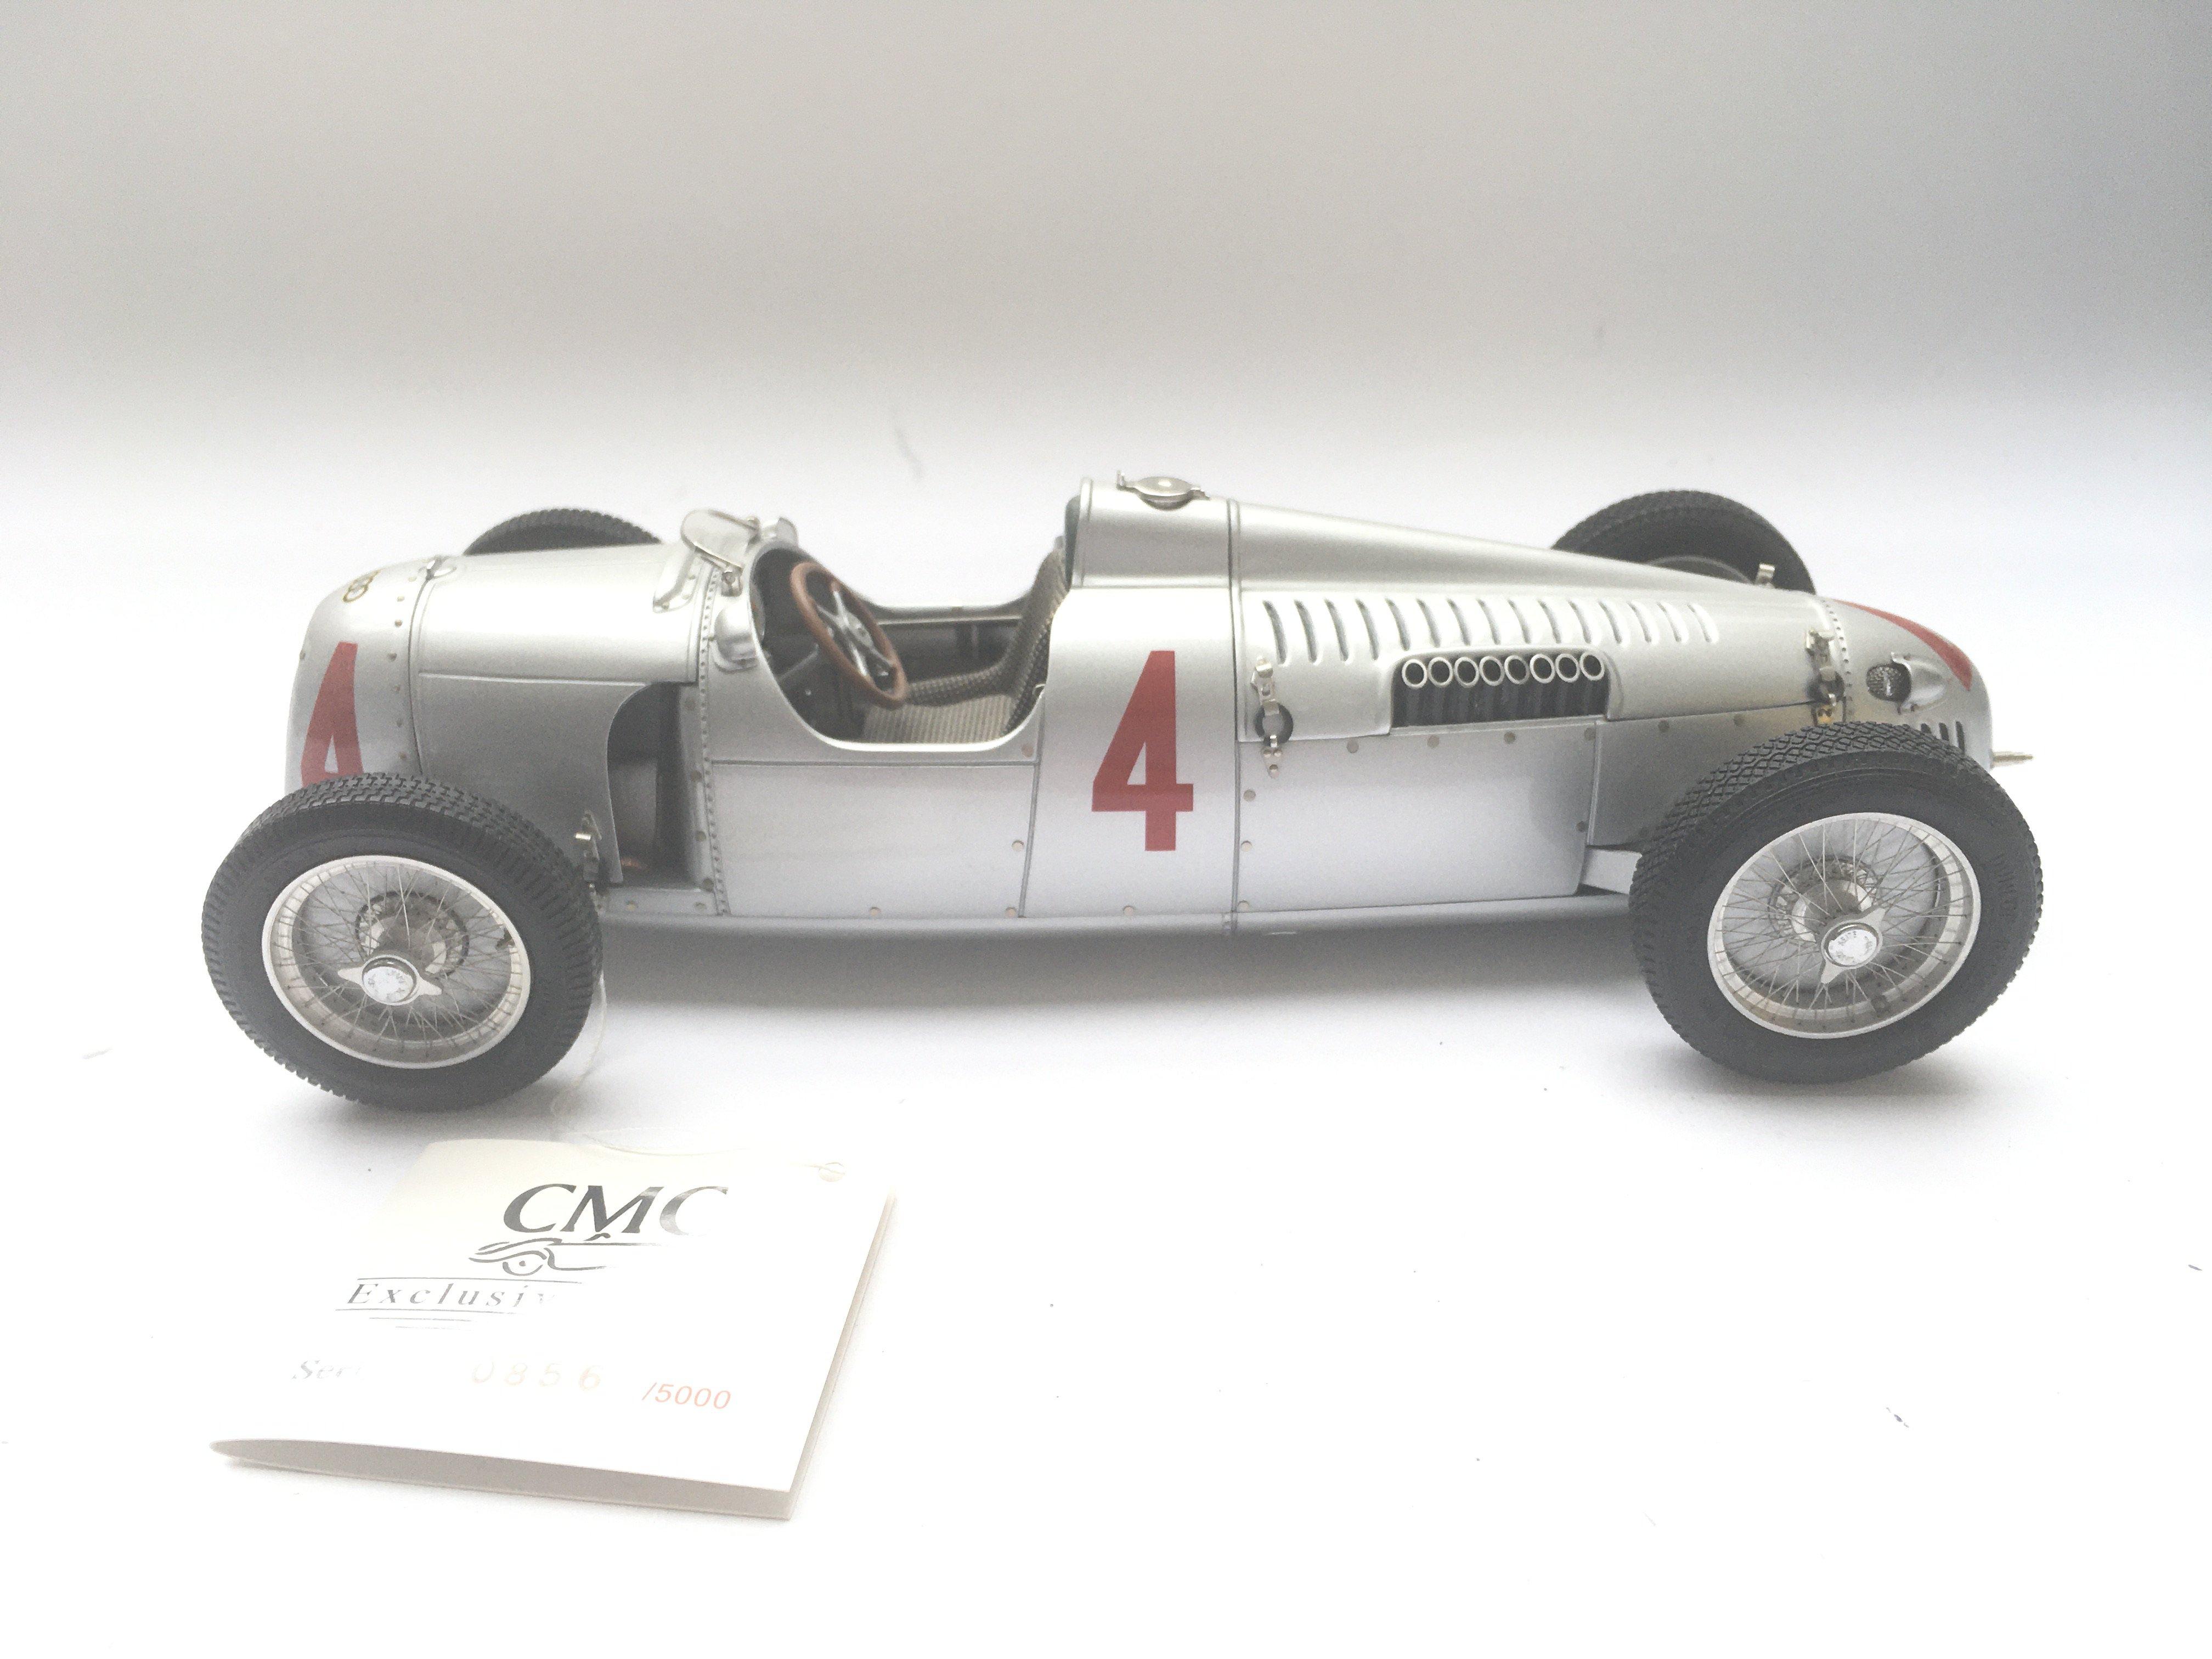 A CMC Exclusive Models Auto Union Type C Sieger GP